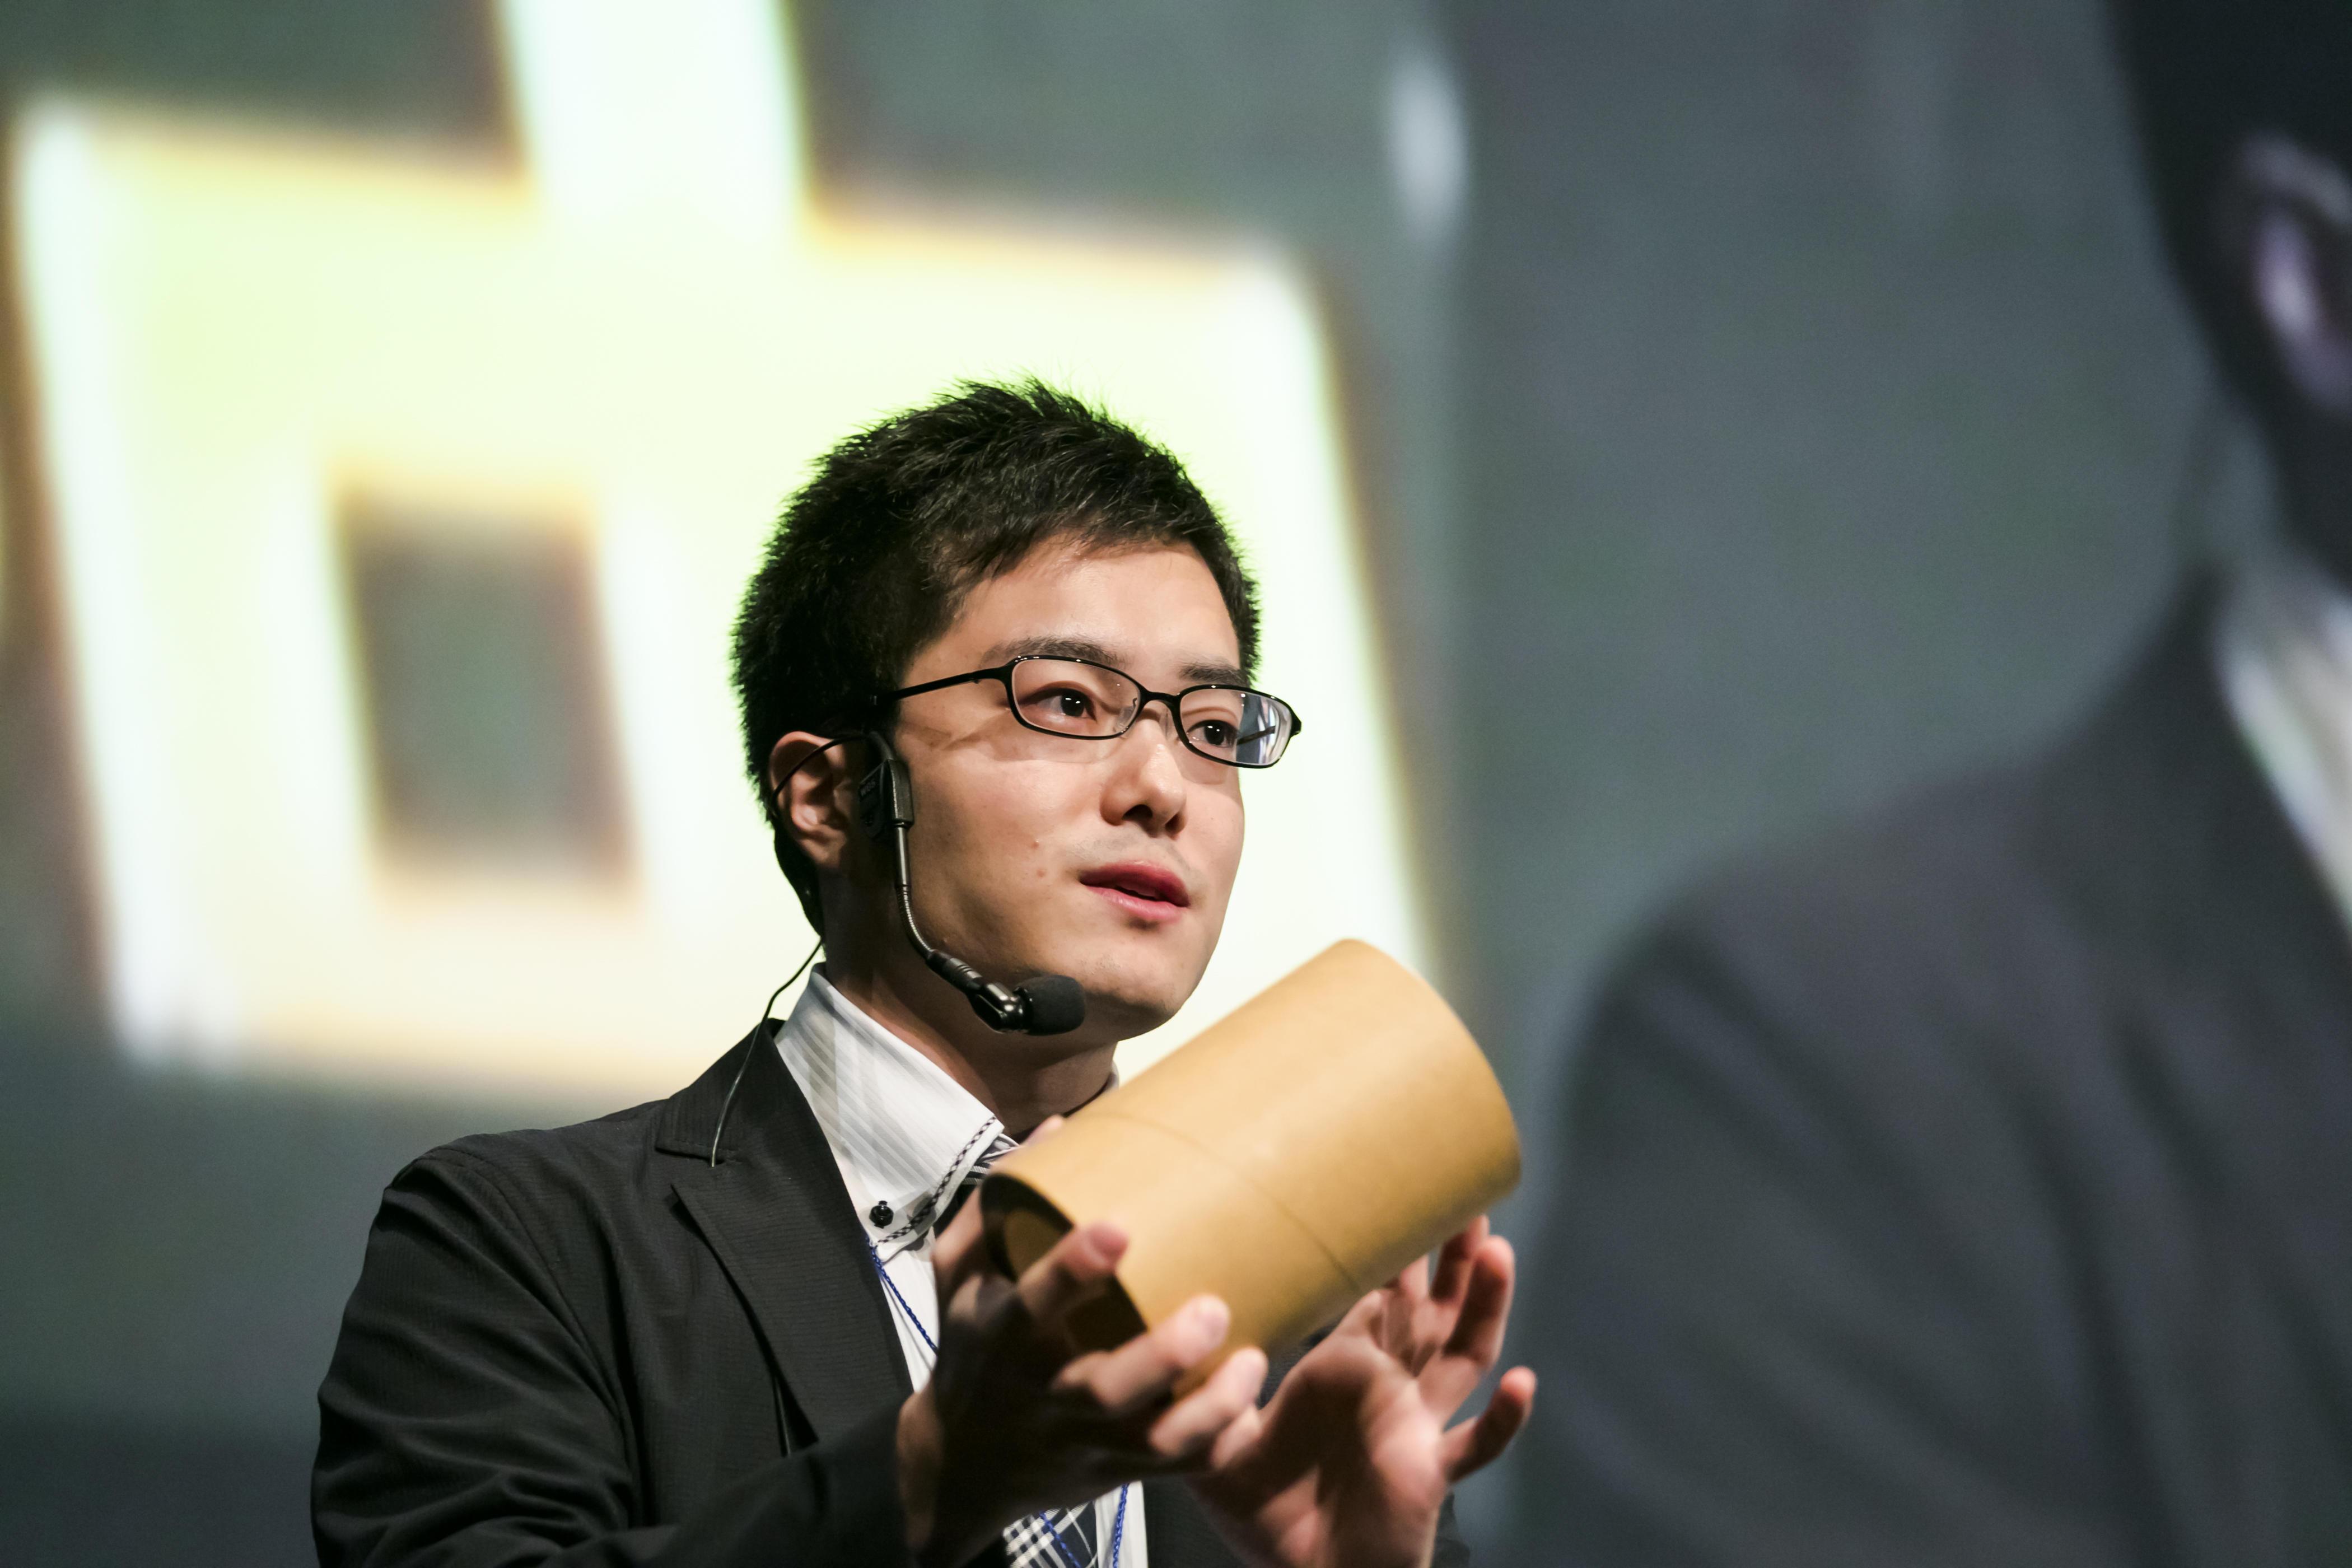 神田外語グループが12月9日に「第6回全国学生英語プレゼンテーションコンテスト」を開催 最優秀者には文部科学大臣賞を授与